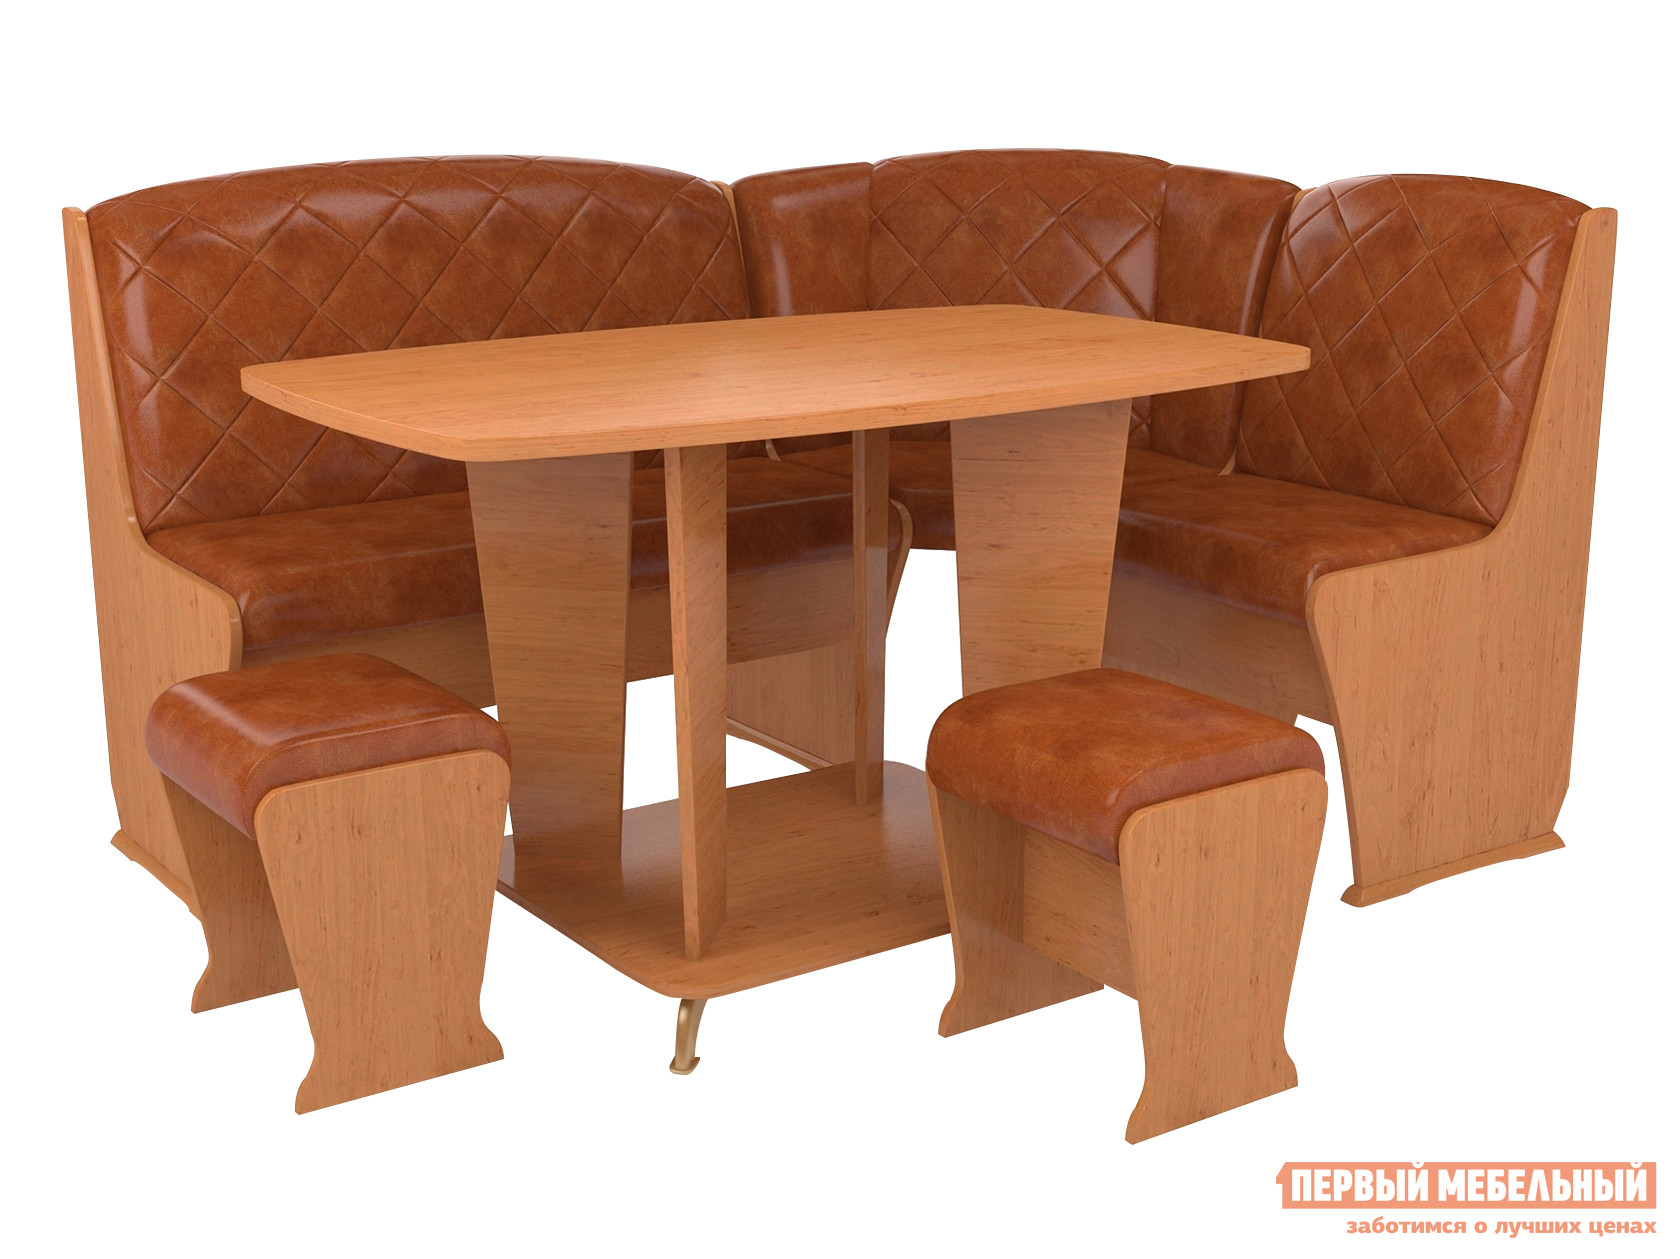 Мягкий кухонный уголок со столом и стульями ТАЛАНТ Консул-5